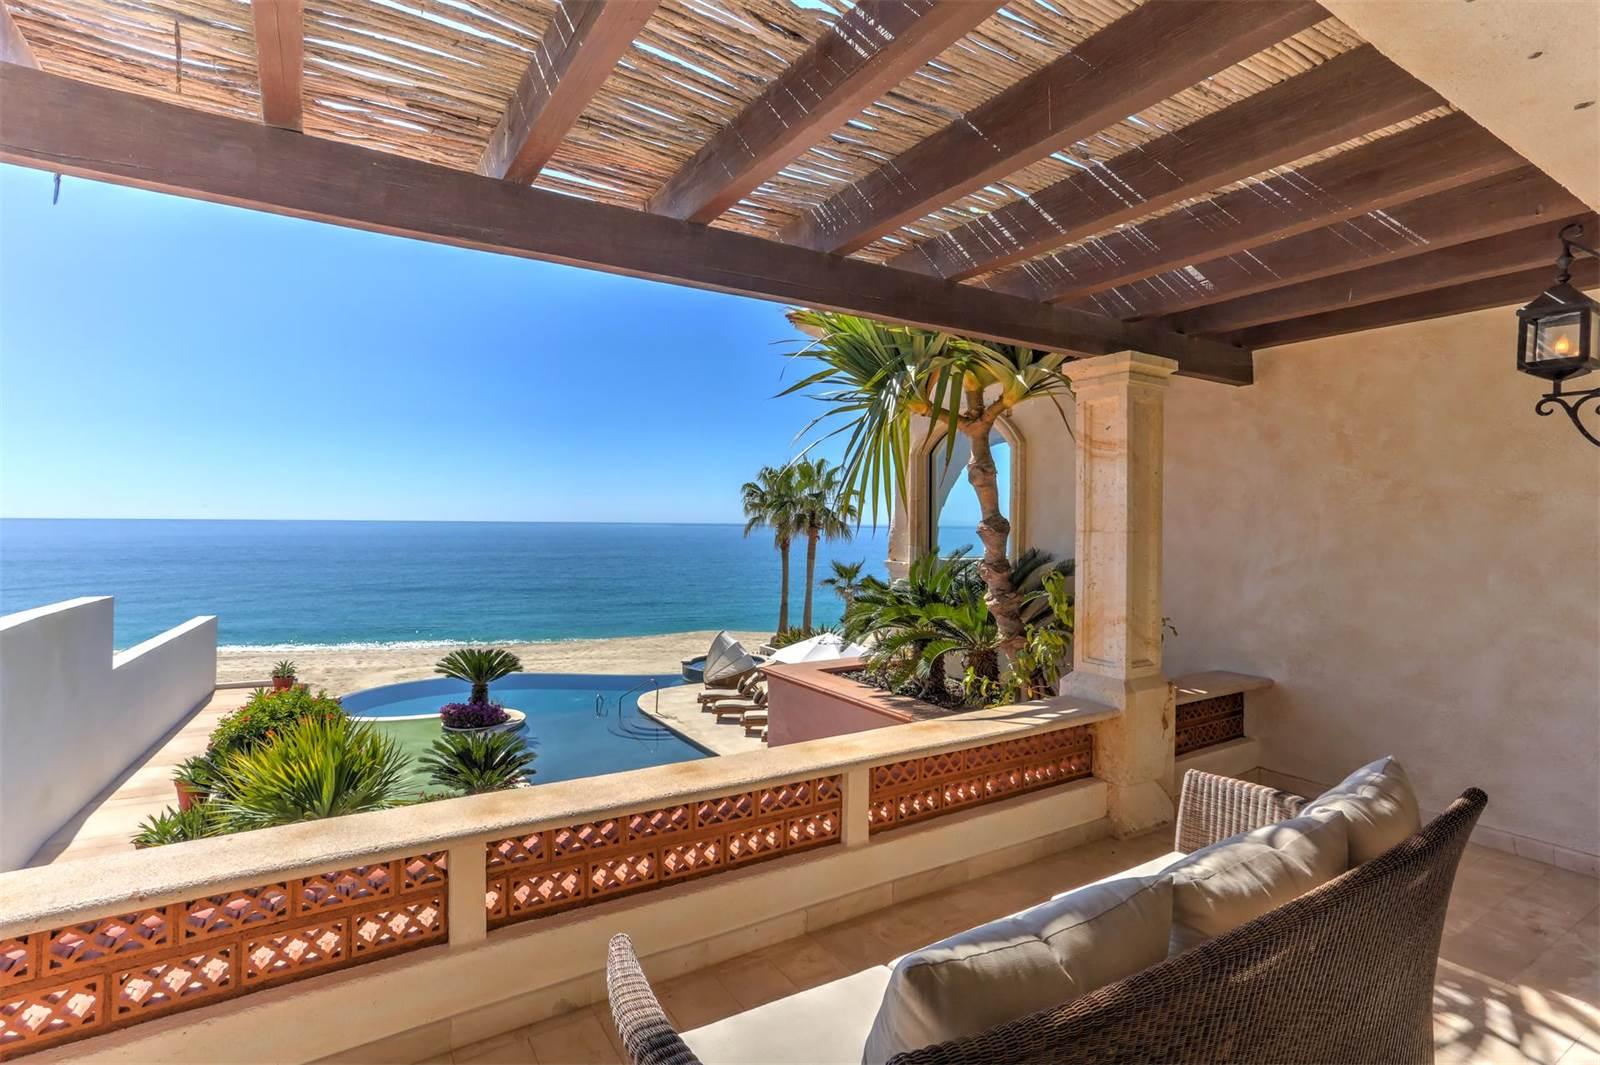 Cabo San Lucas' baronial Mediterranean home enjoys a dazzling beachside terrace.